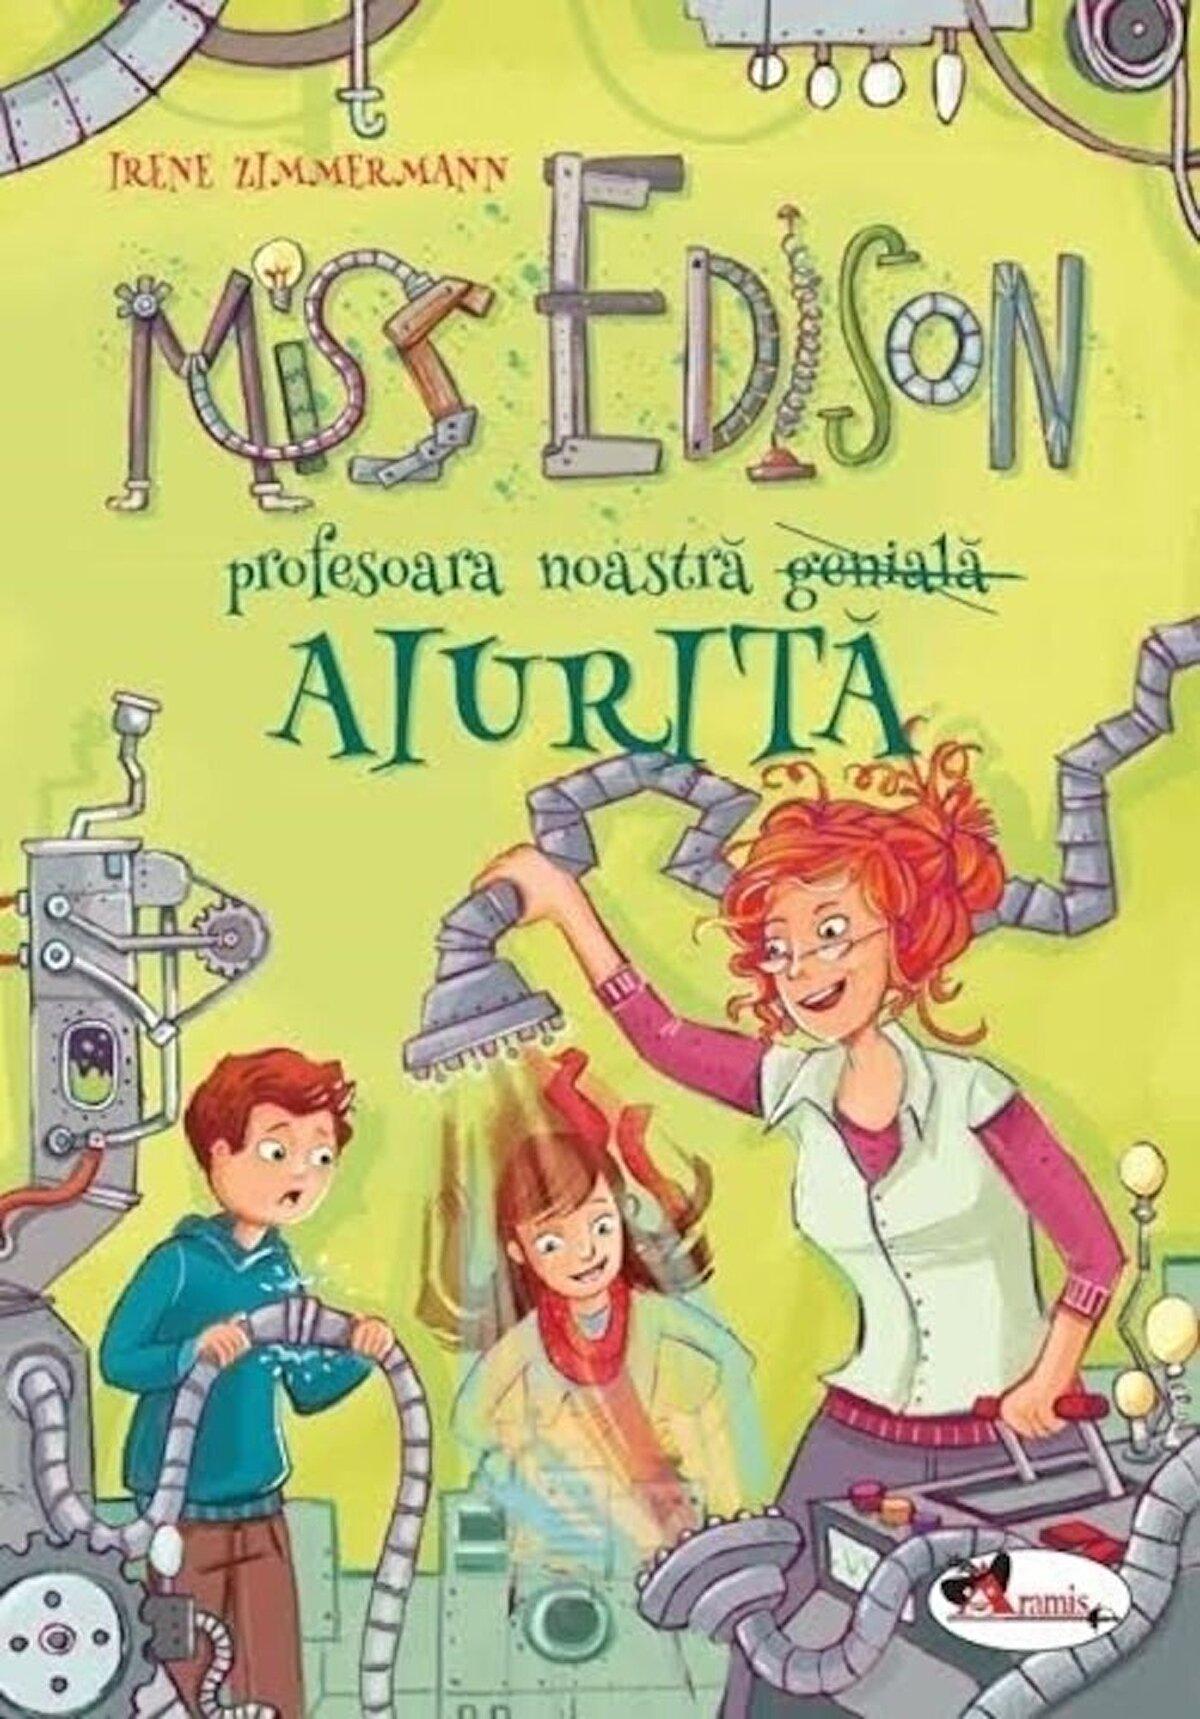 Miss Edison profesoara noastră (genială) aiurită